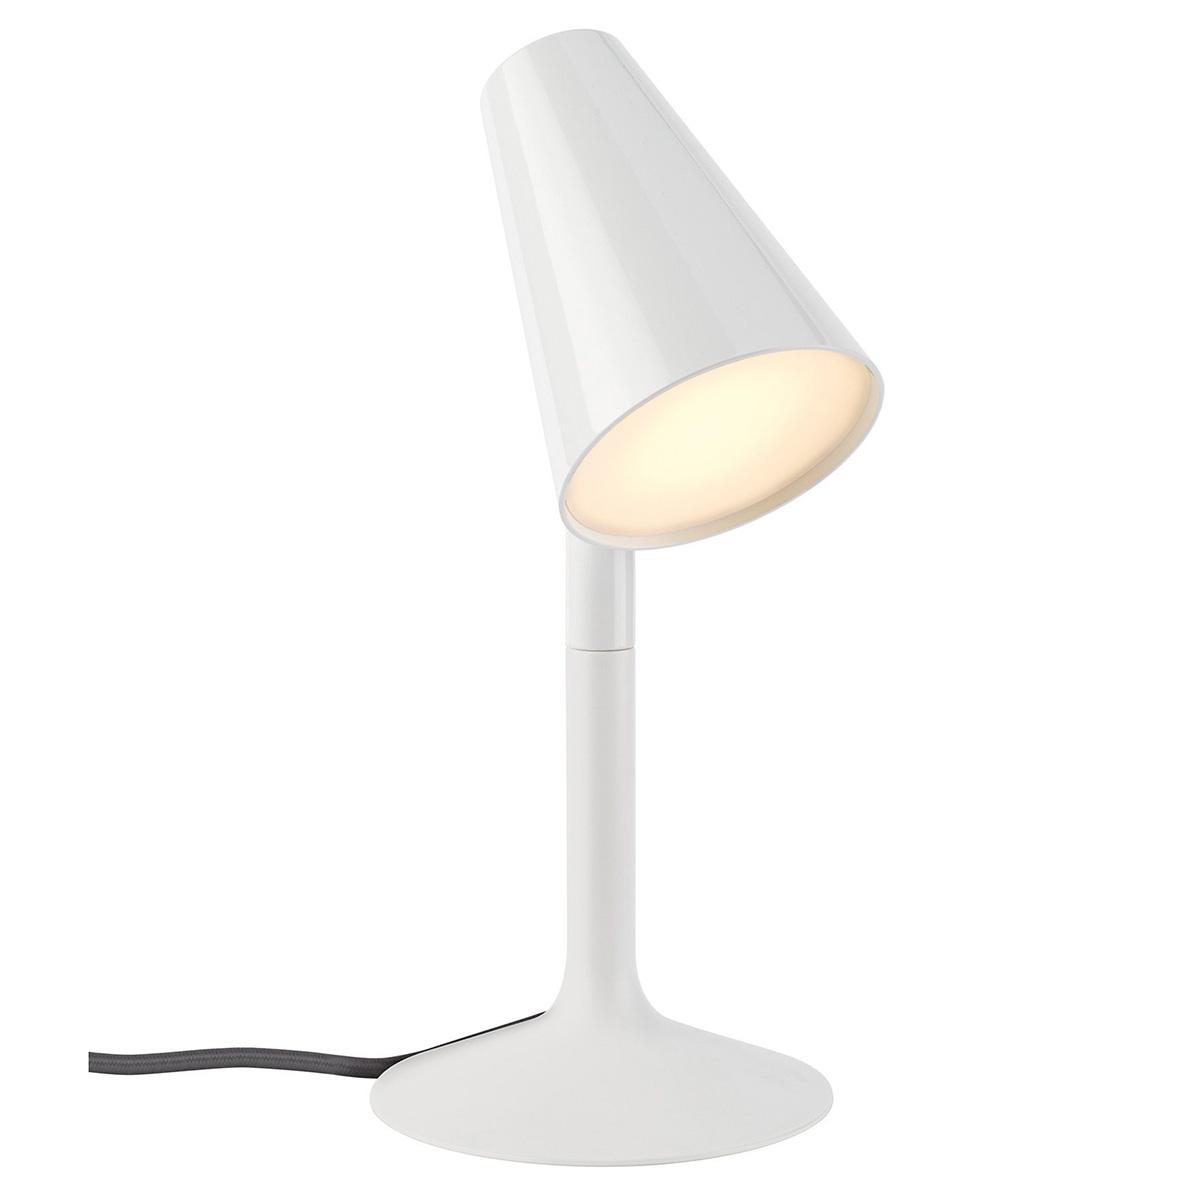 Image of   Philips Lirio bordlampe - Piculet - Hvid